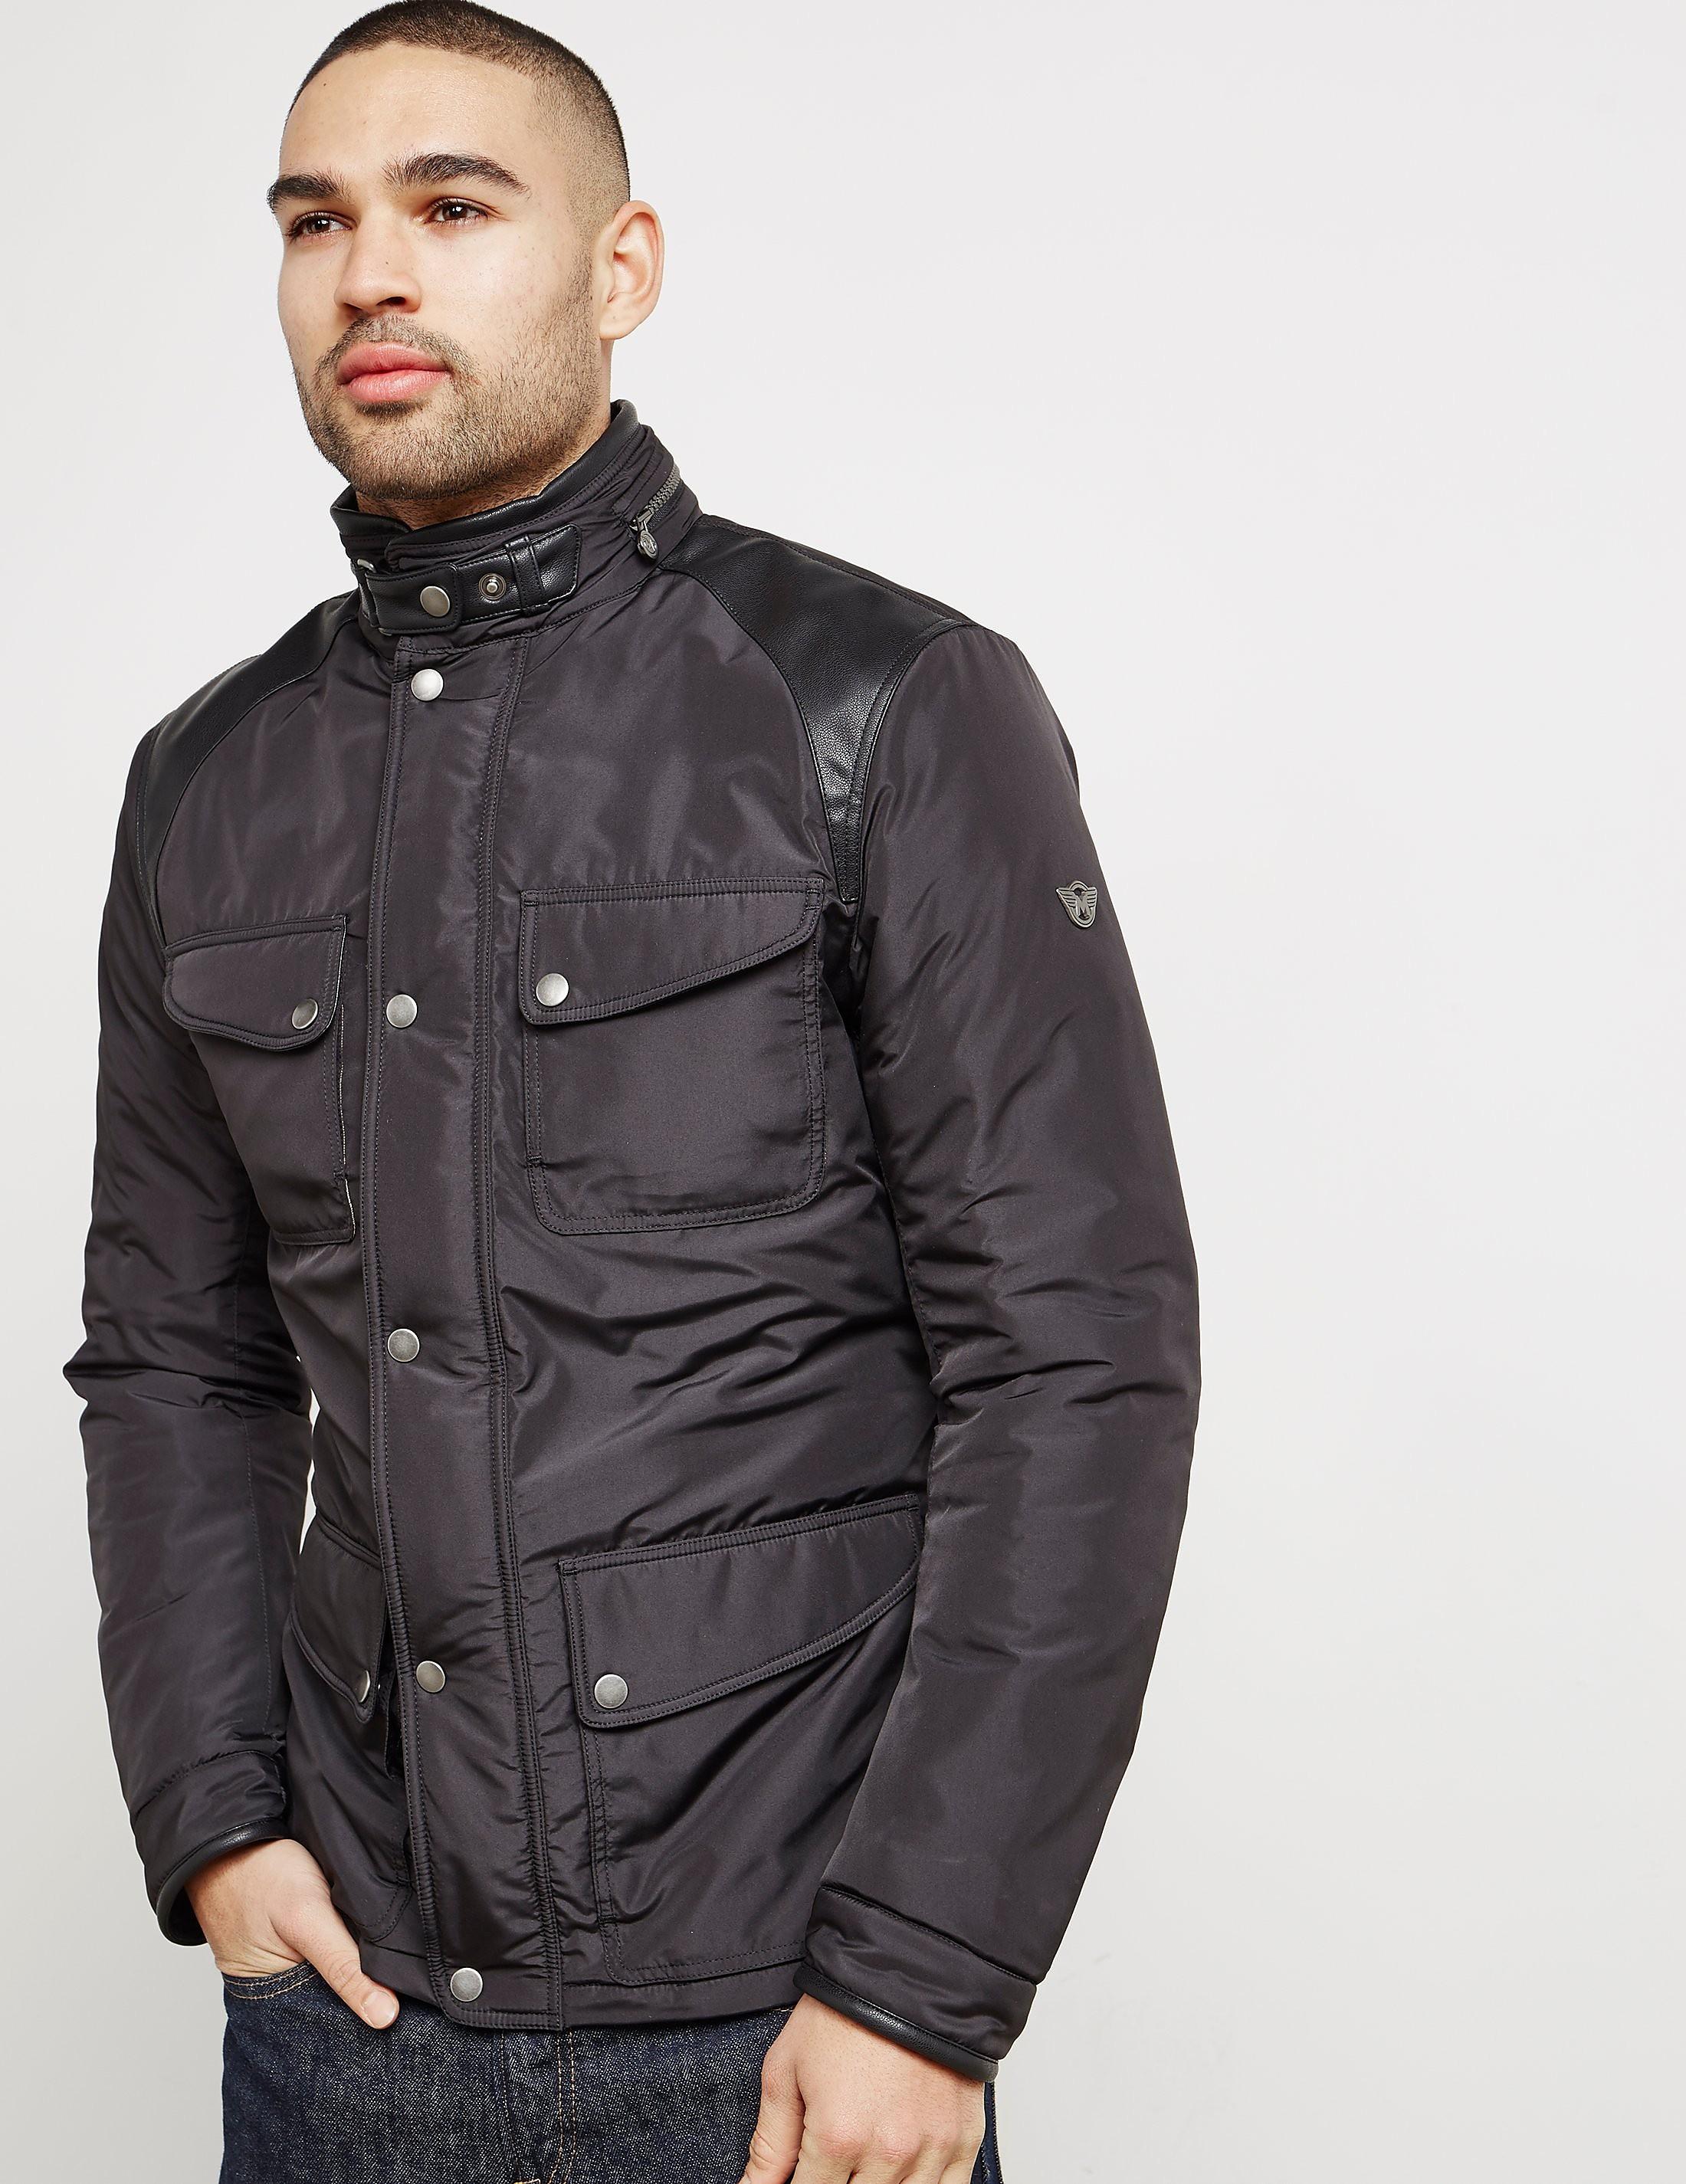 Matchless London Mallory 2 Padded Jacket